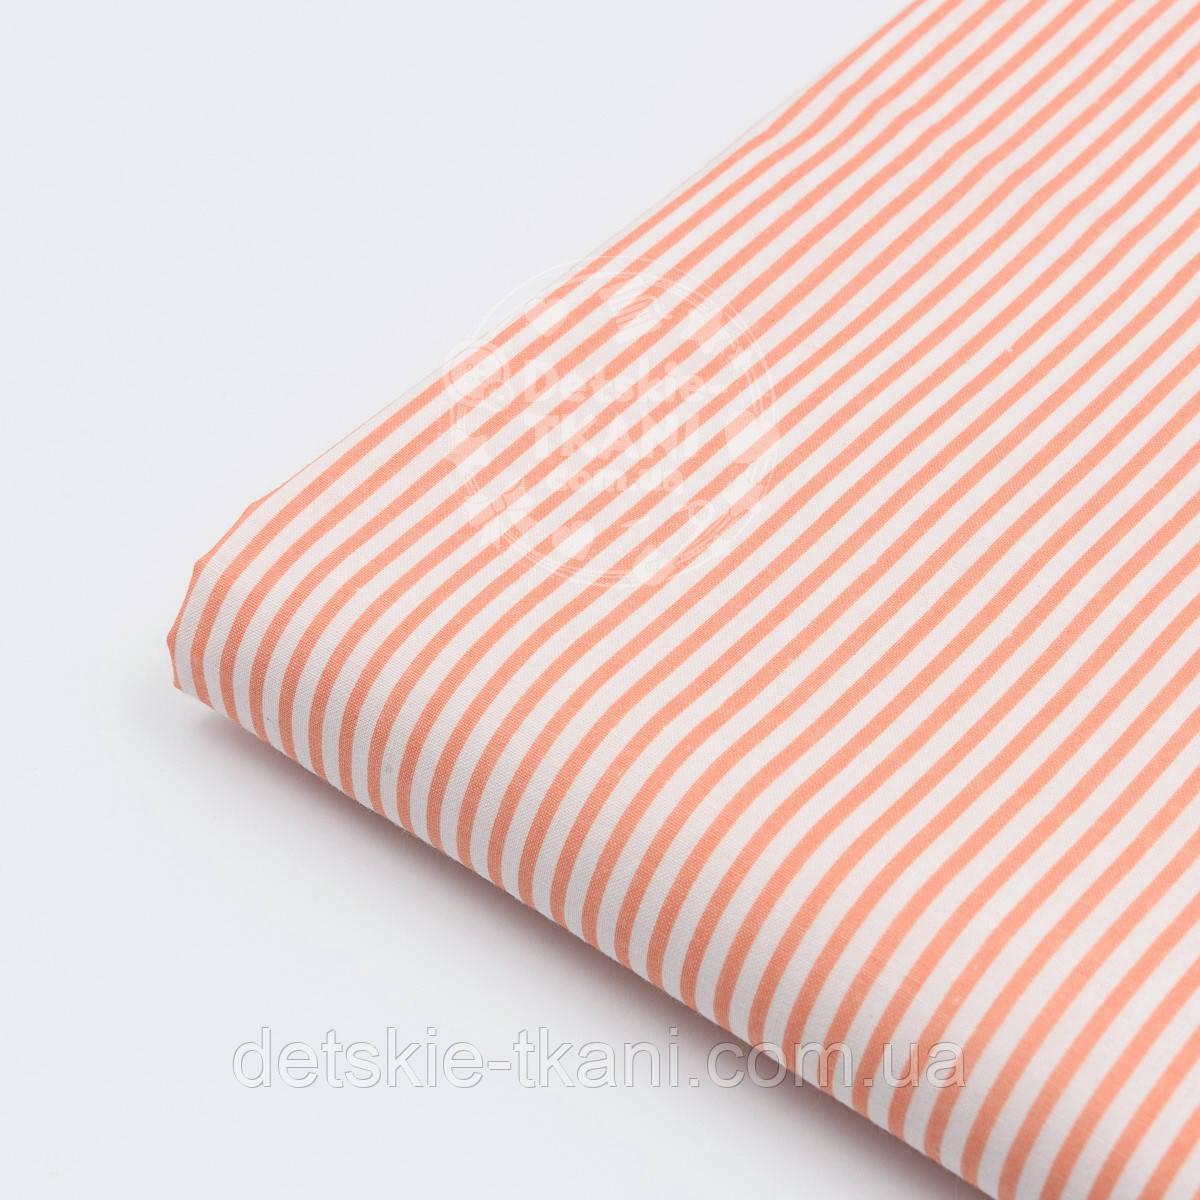 """Лоскут ткани №483с """"Super agat"""" с мелкой полоской кораллового цвета"""